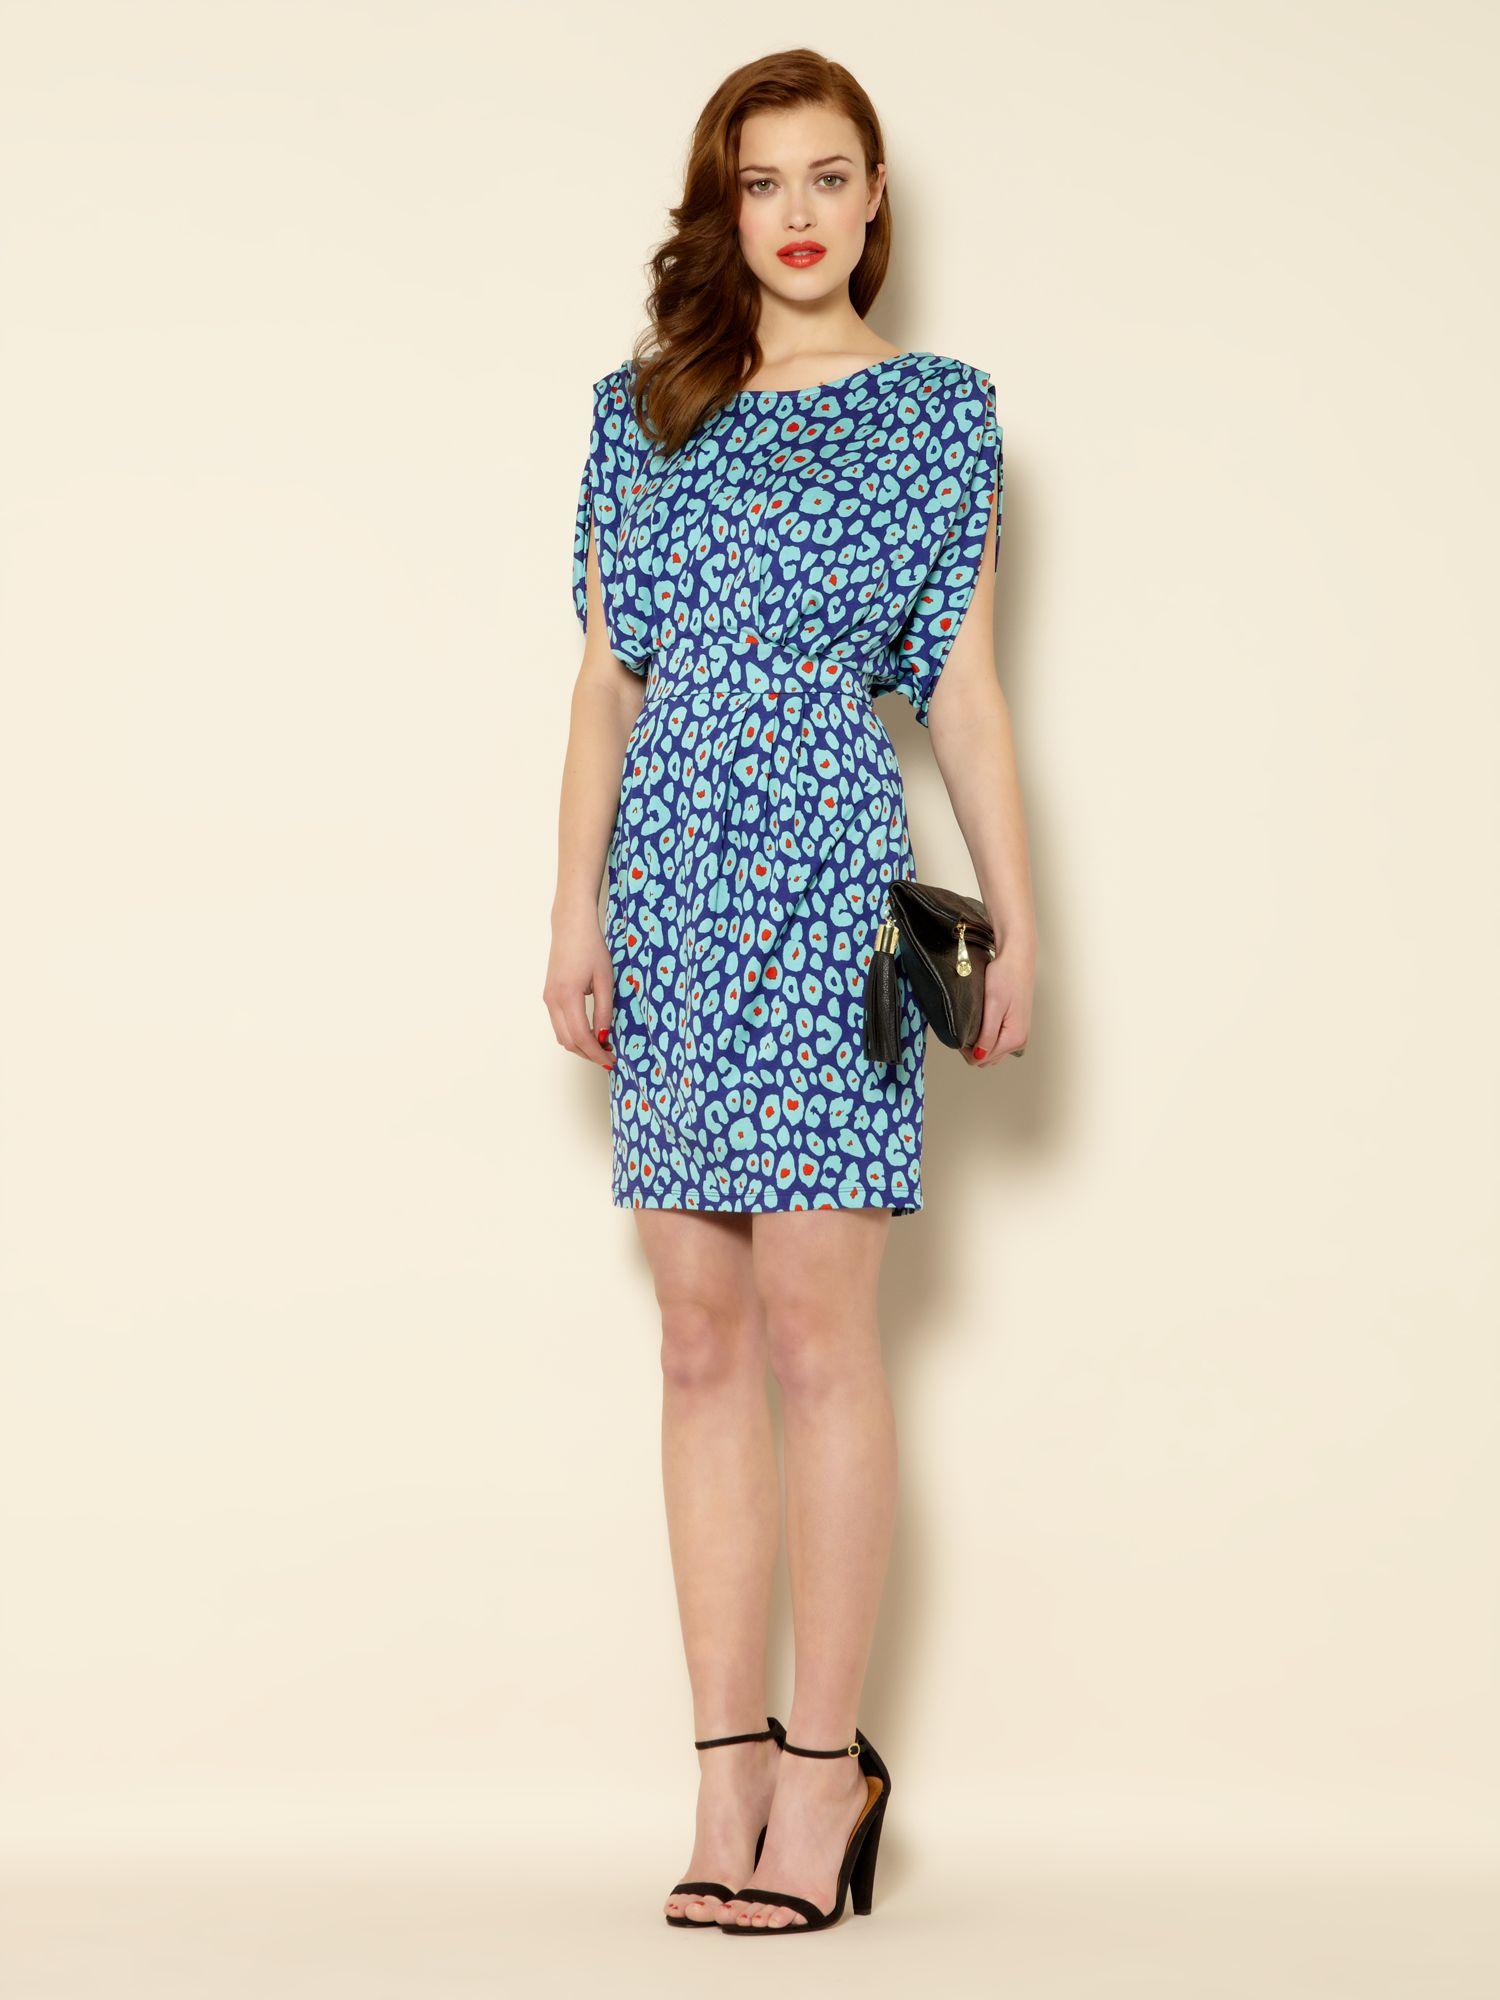 c315972c569 Biba Leopard Print Drape Jersey Dress in Blue - Lyst